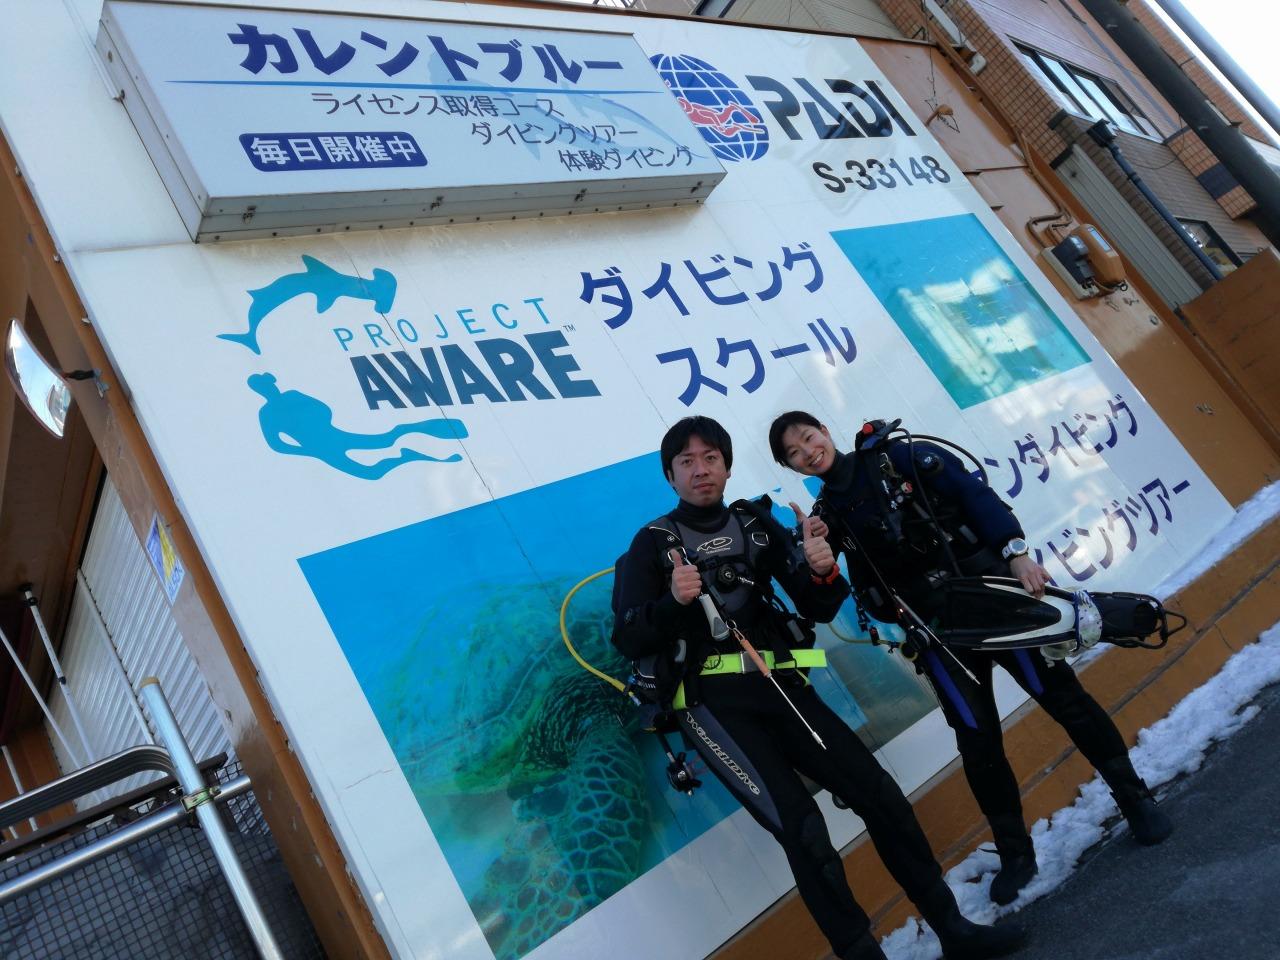 千葉県ダイブマスターコース白井鎌ヶ谷松戸船橋ダイビング (2)